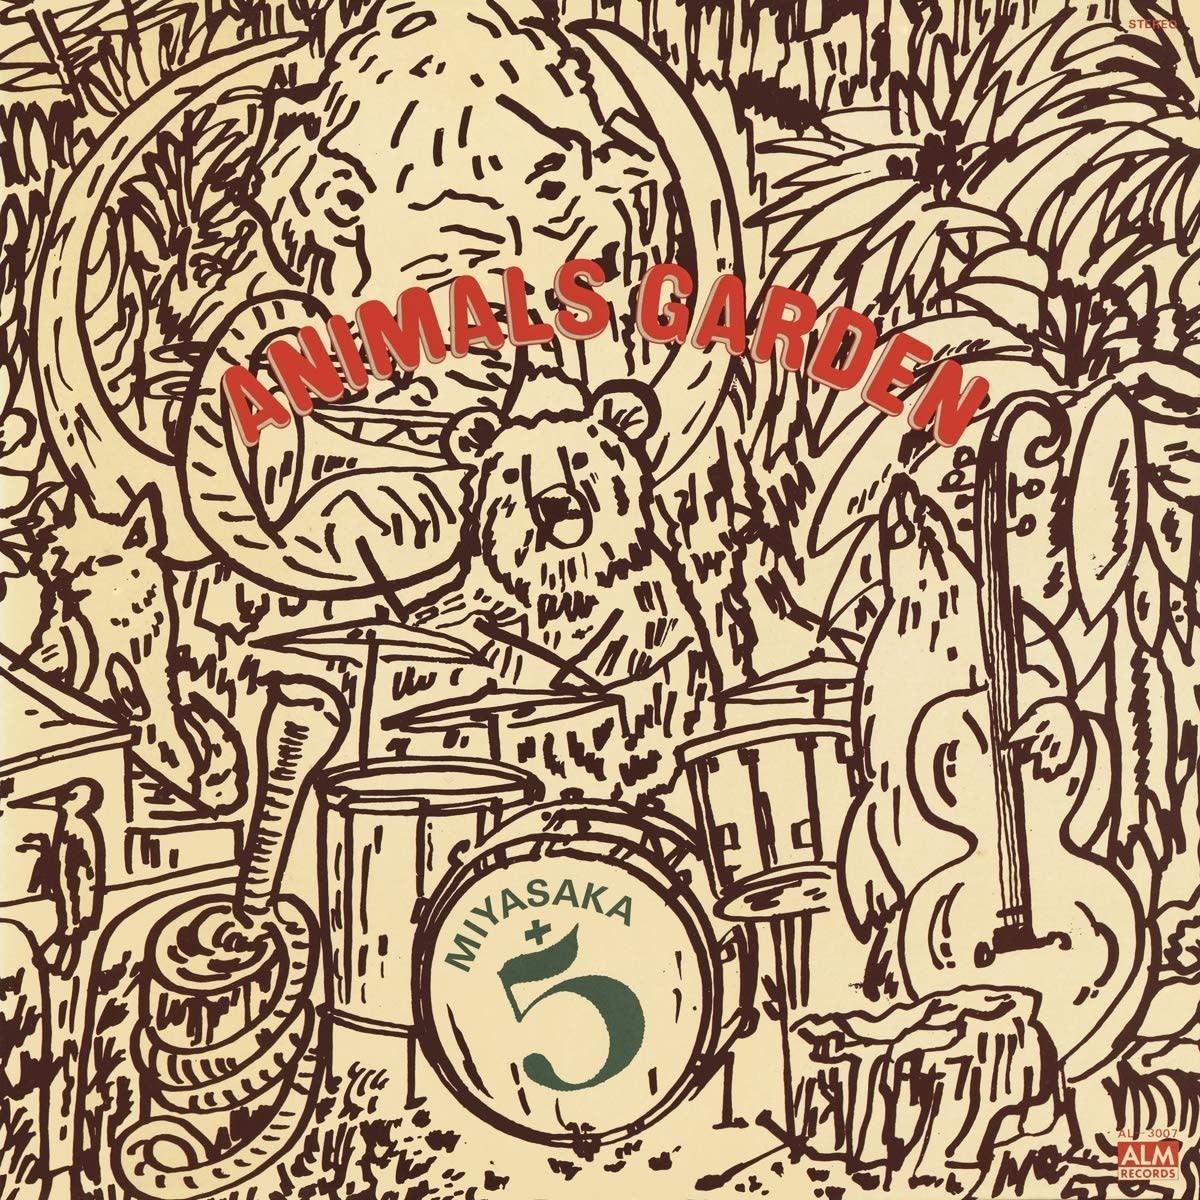 Miyasaka + 5 - Animals Garden